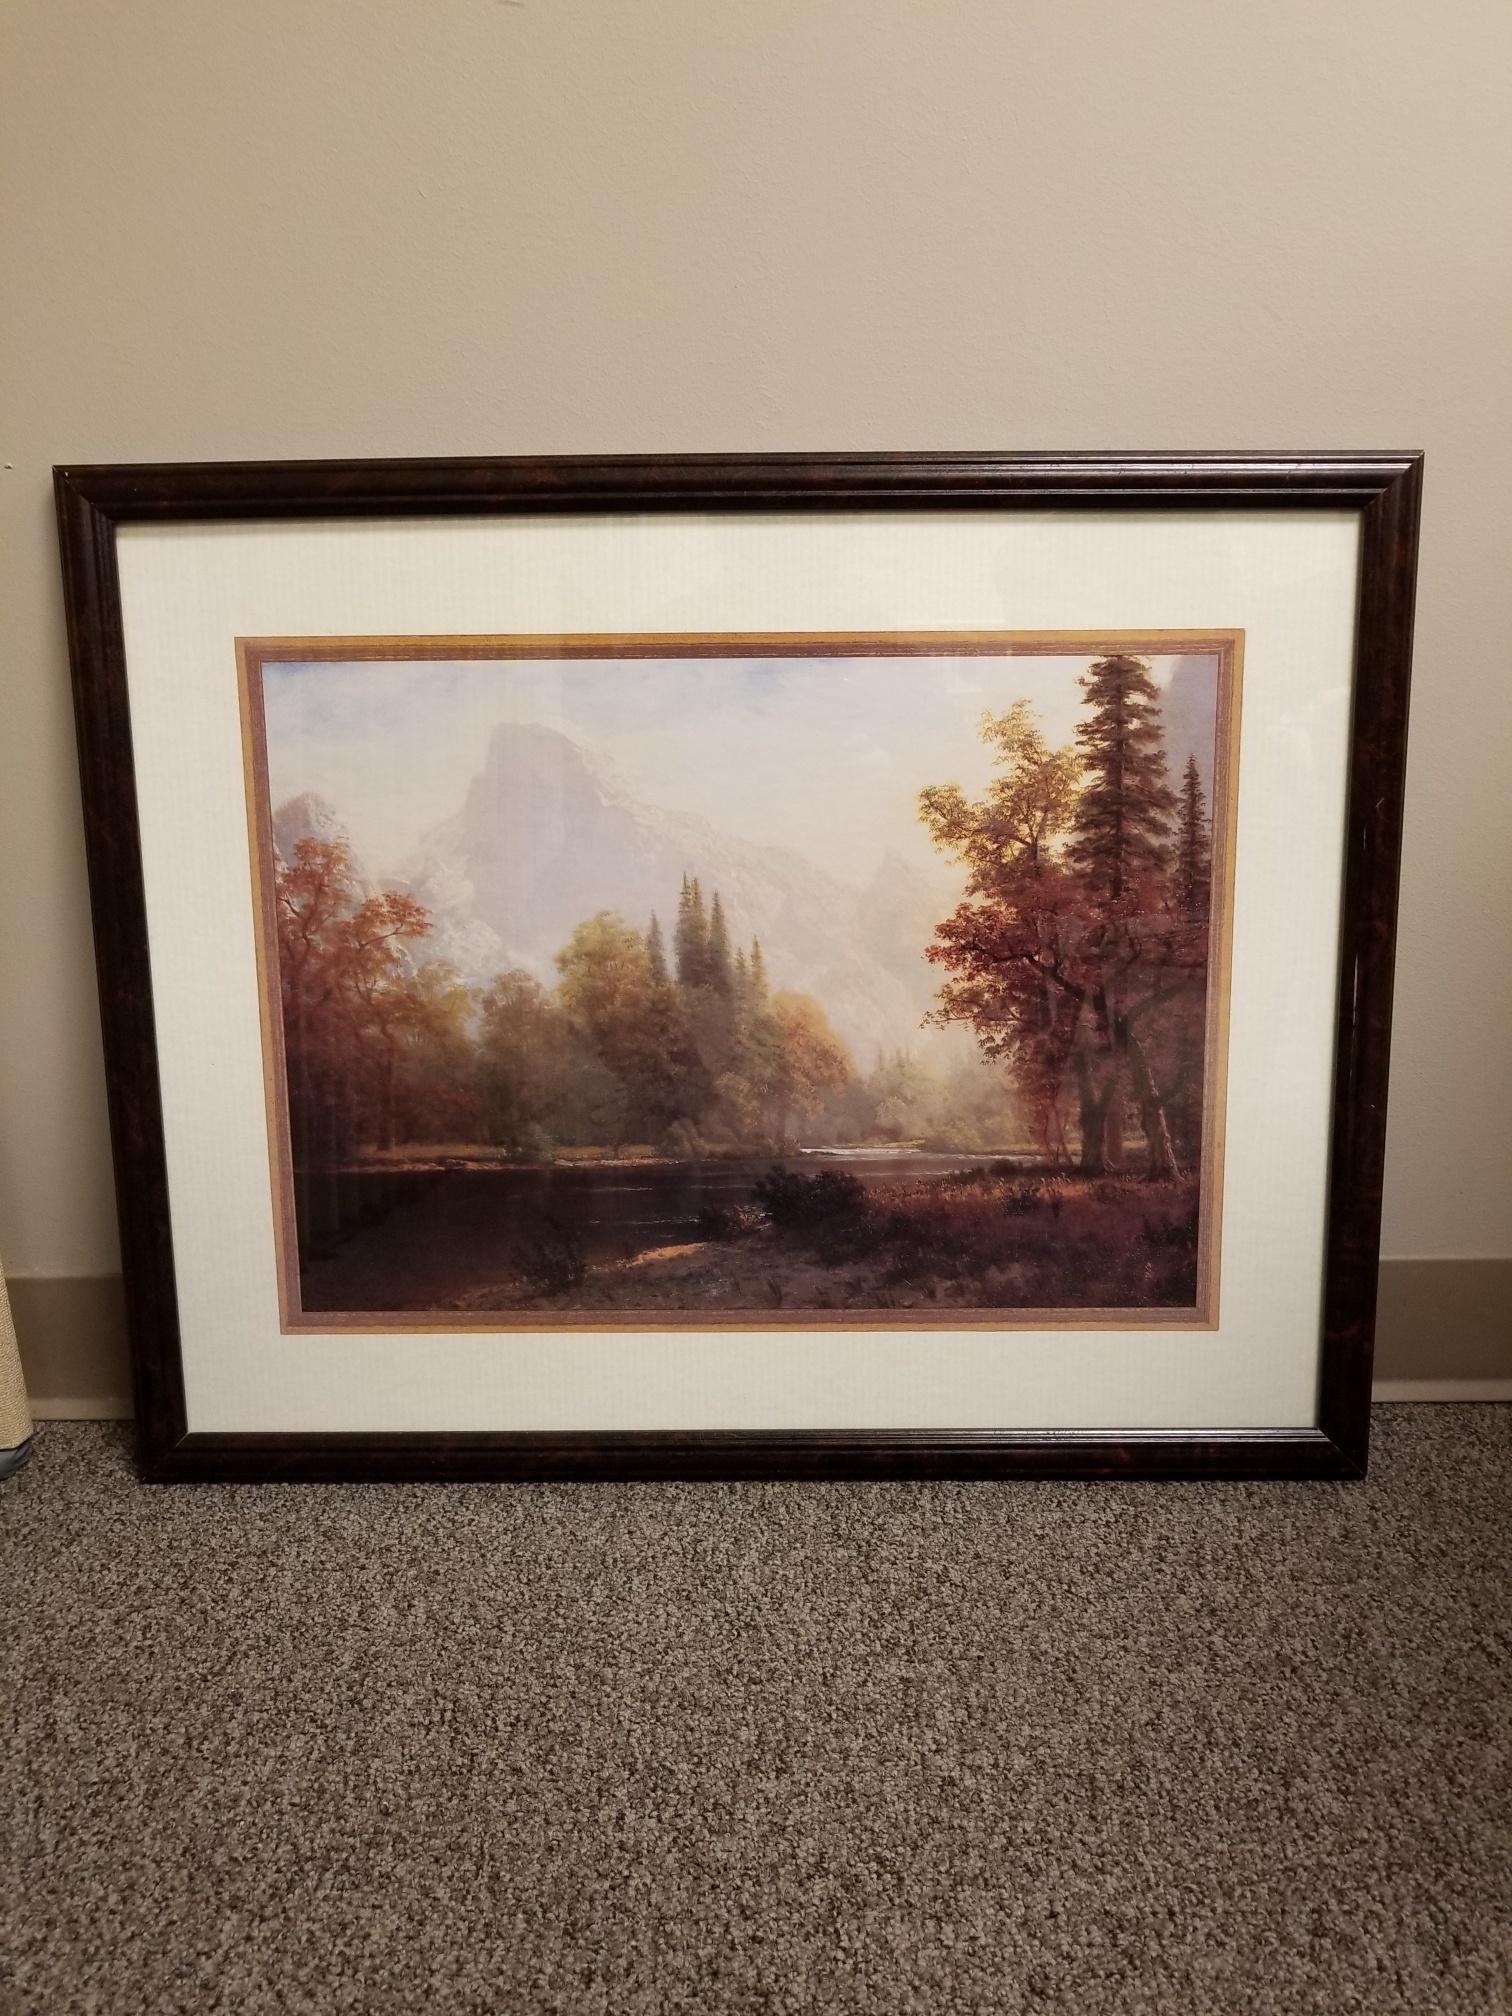 Framed Wall Art Forest Scene